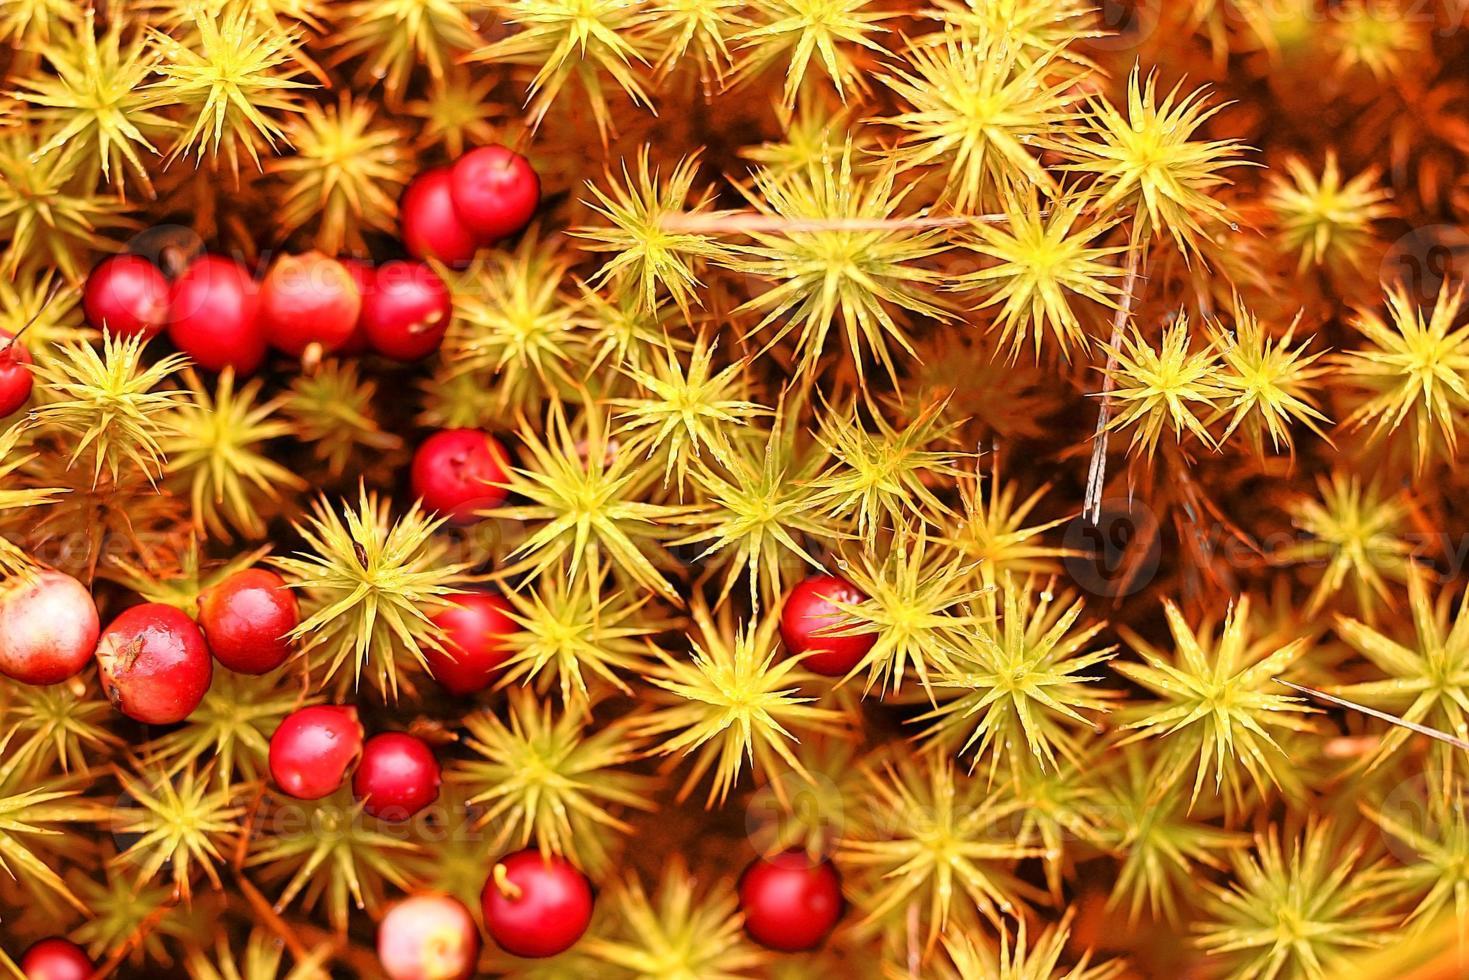 Preiselbeeren rote Beeren Hintergrundnatur foto